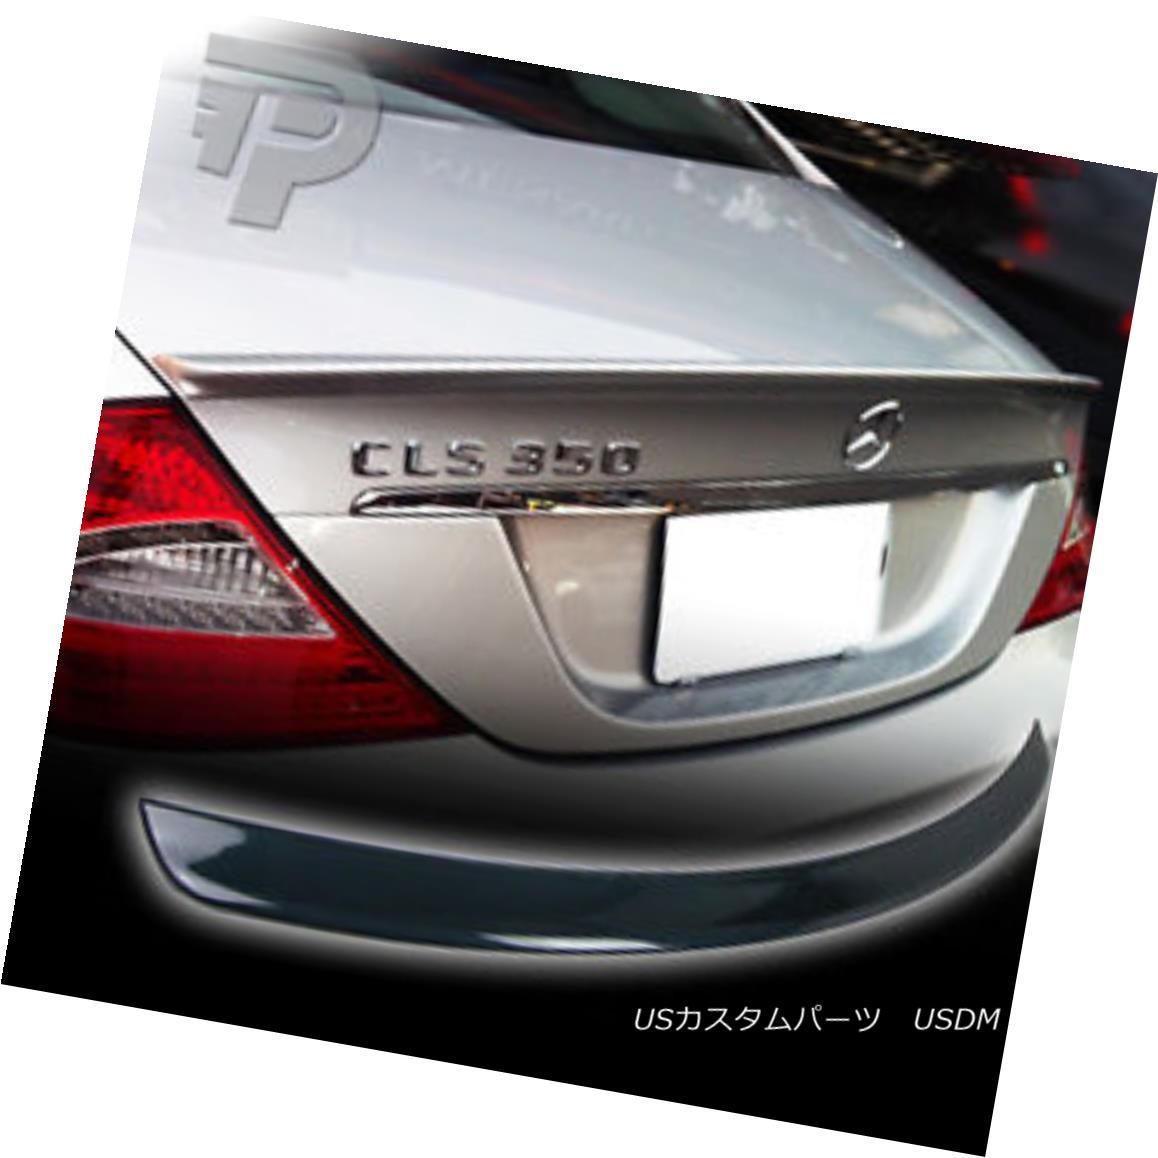 エアロパーツ PAINTED Mercedes BENZ W219 A REAR TRUNK BOOT SPOILER 04+ 744 SILVER ▼ 塗装されたメルセデスベンツW219リアトランクブーツスポイラー04 + 744シルバー?